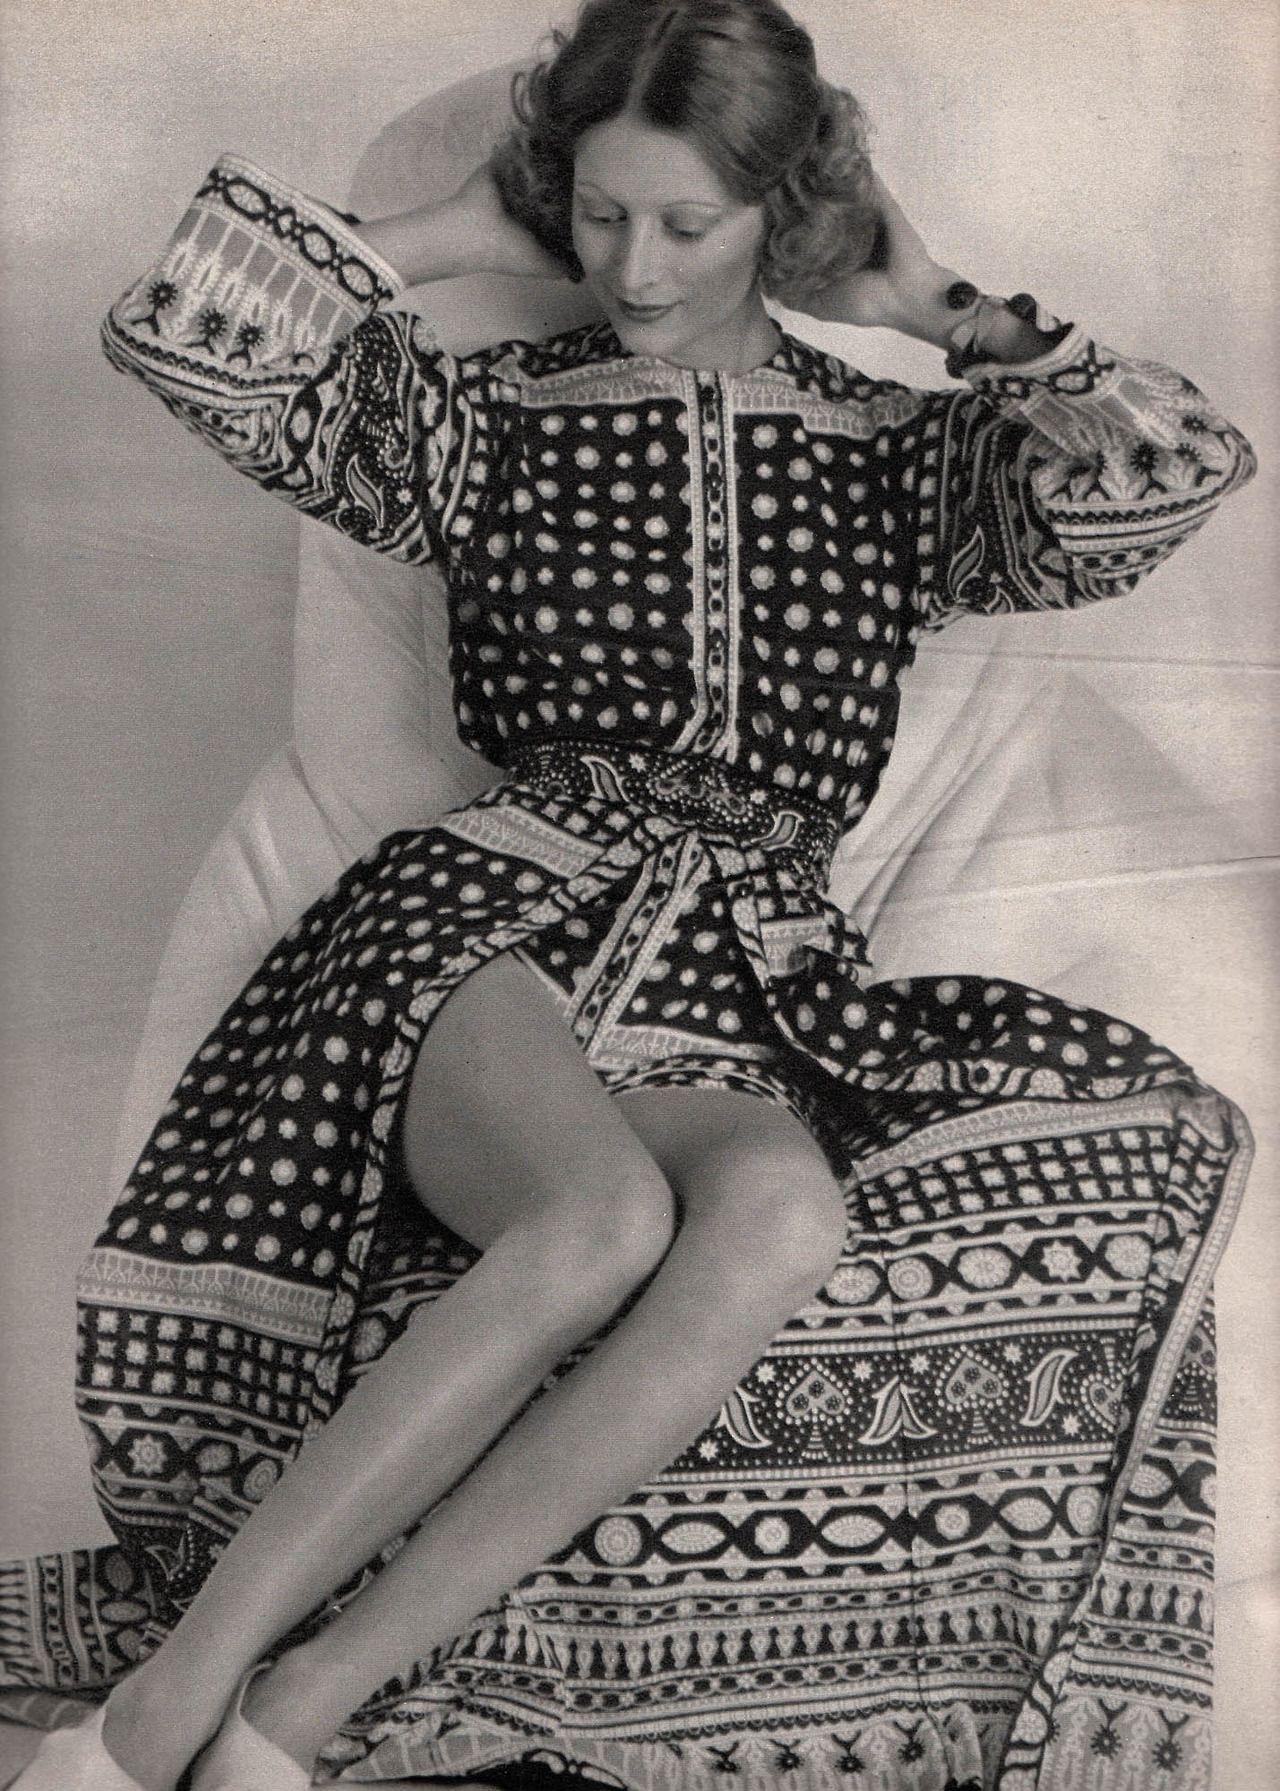 Miss Dior Jours de France - March 5 1971